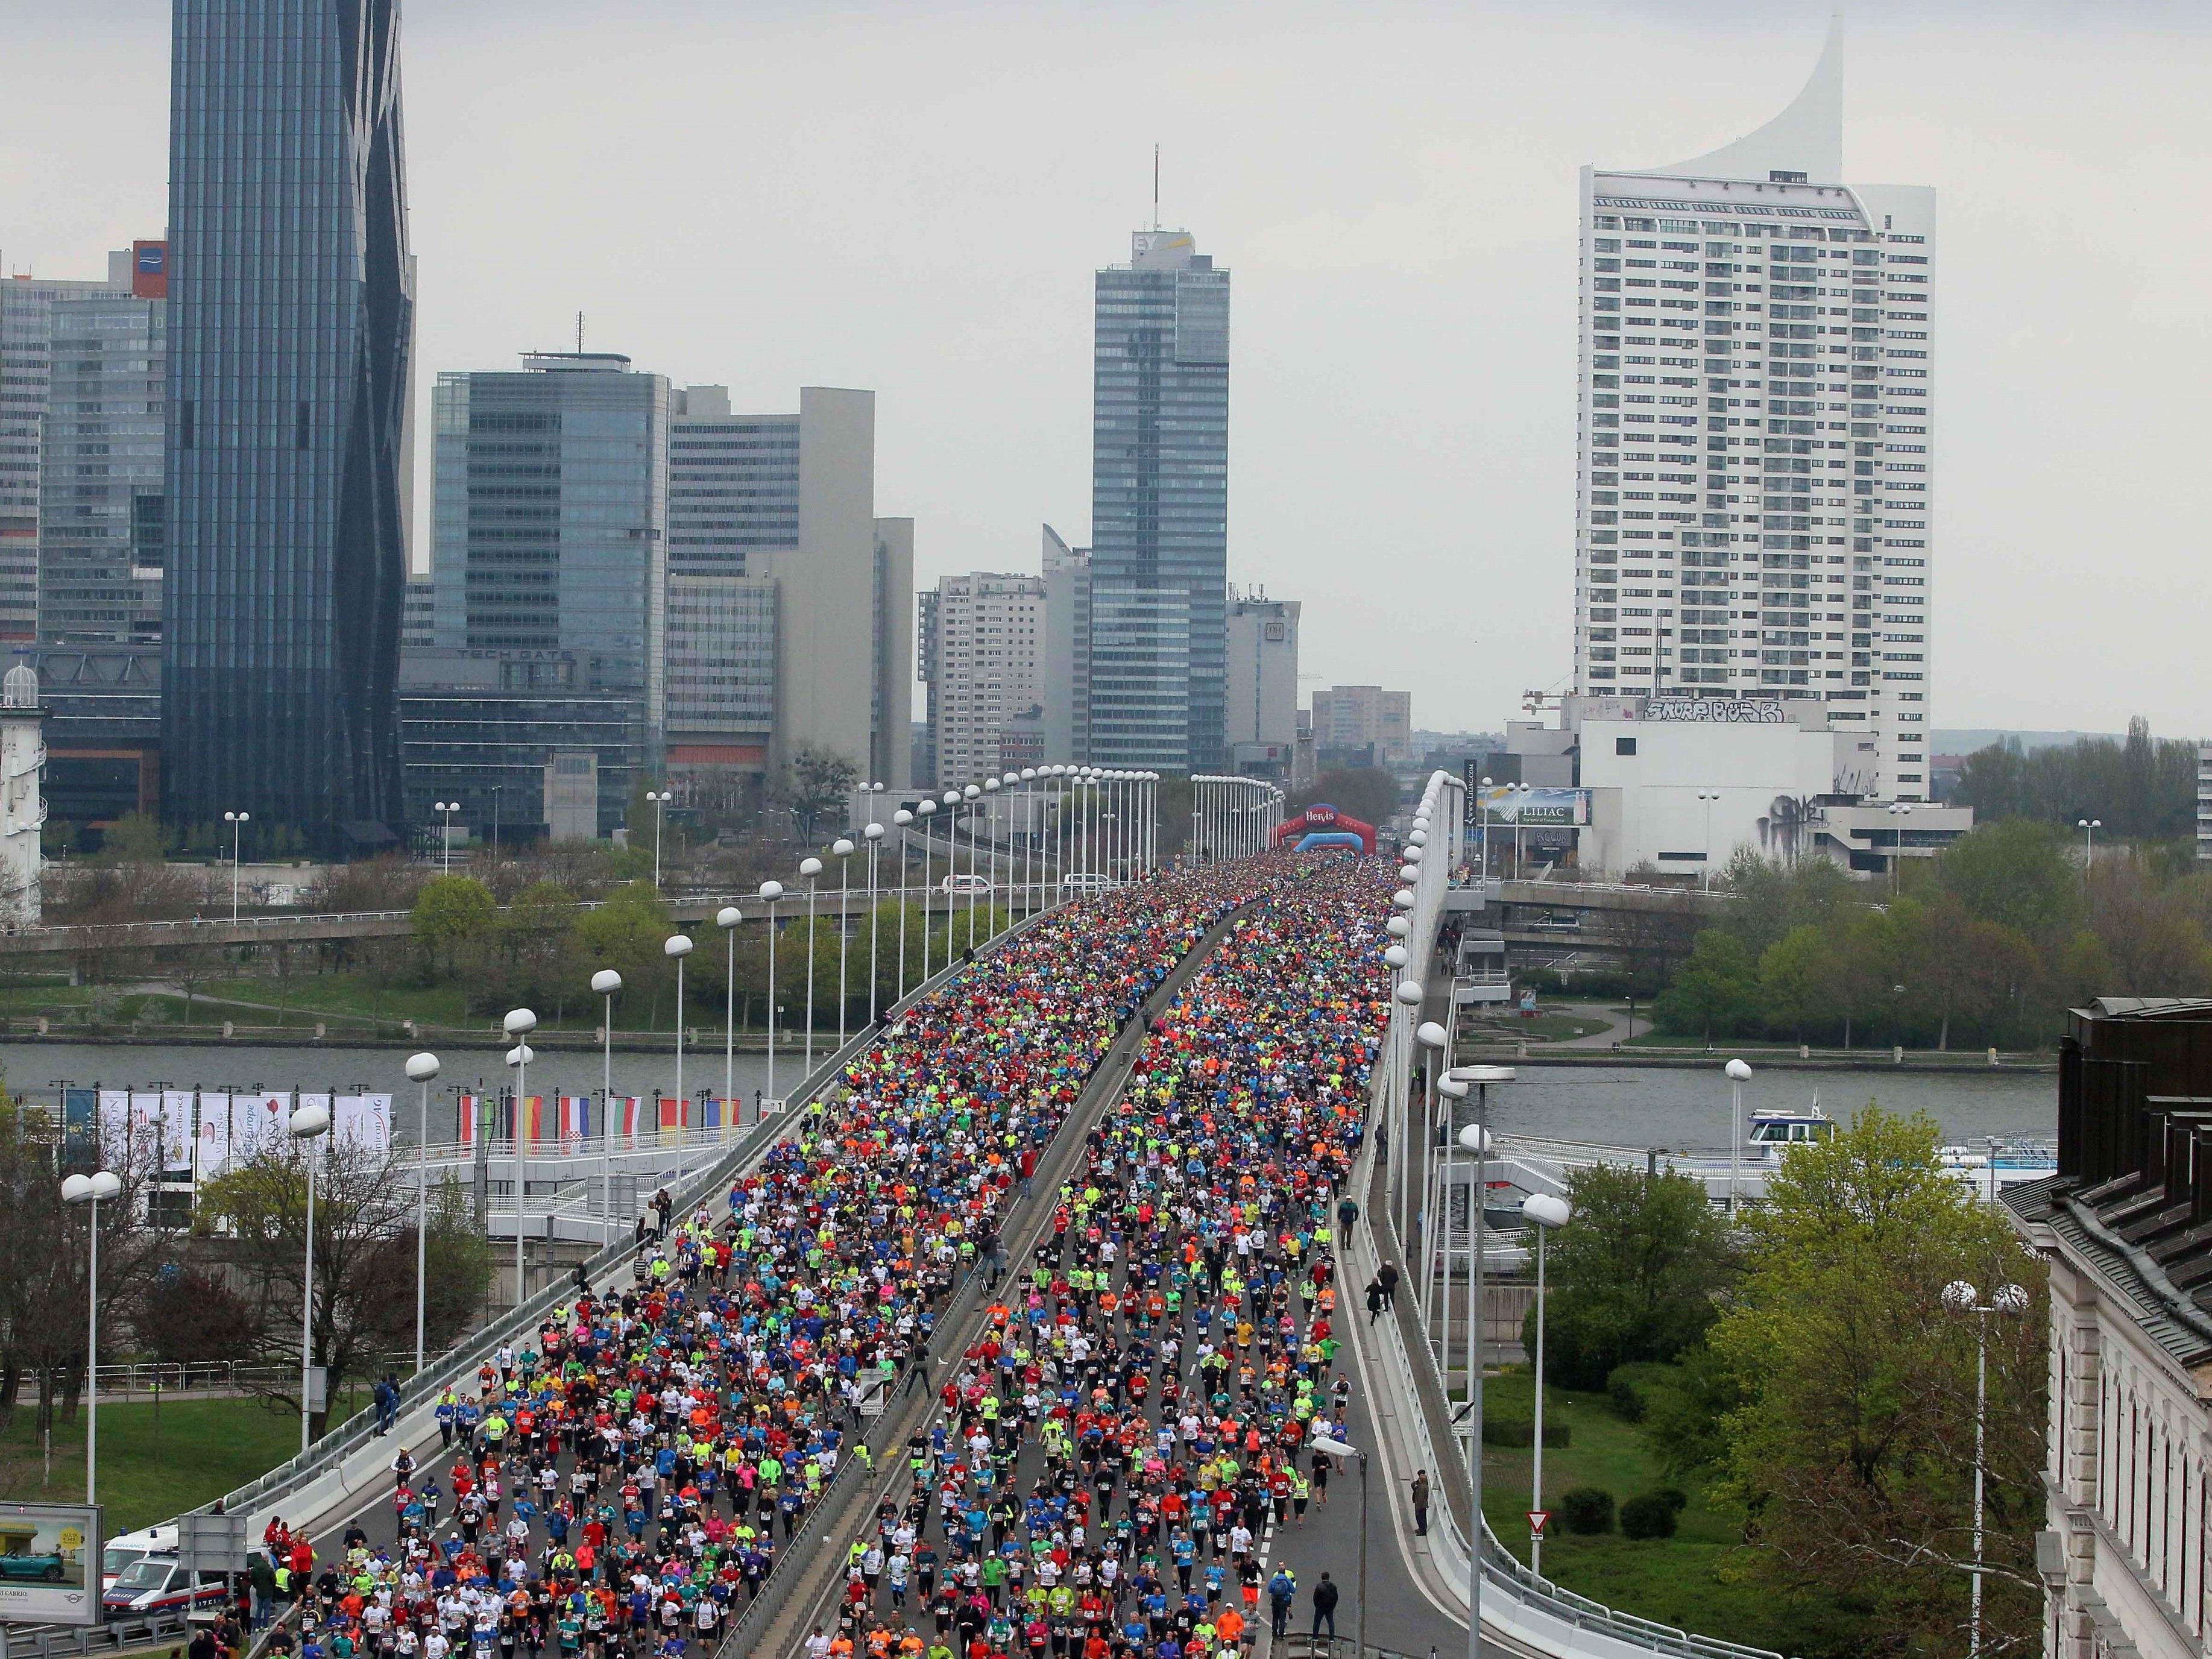 Der Vienna City Marathon findet heuer am 23. April statt.